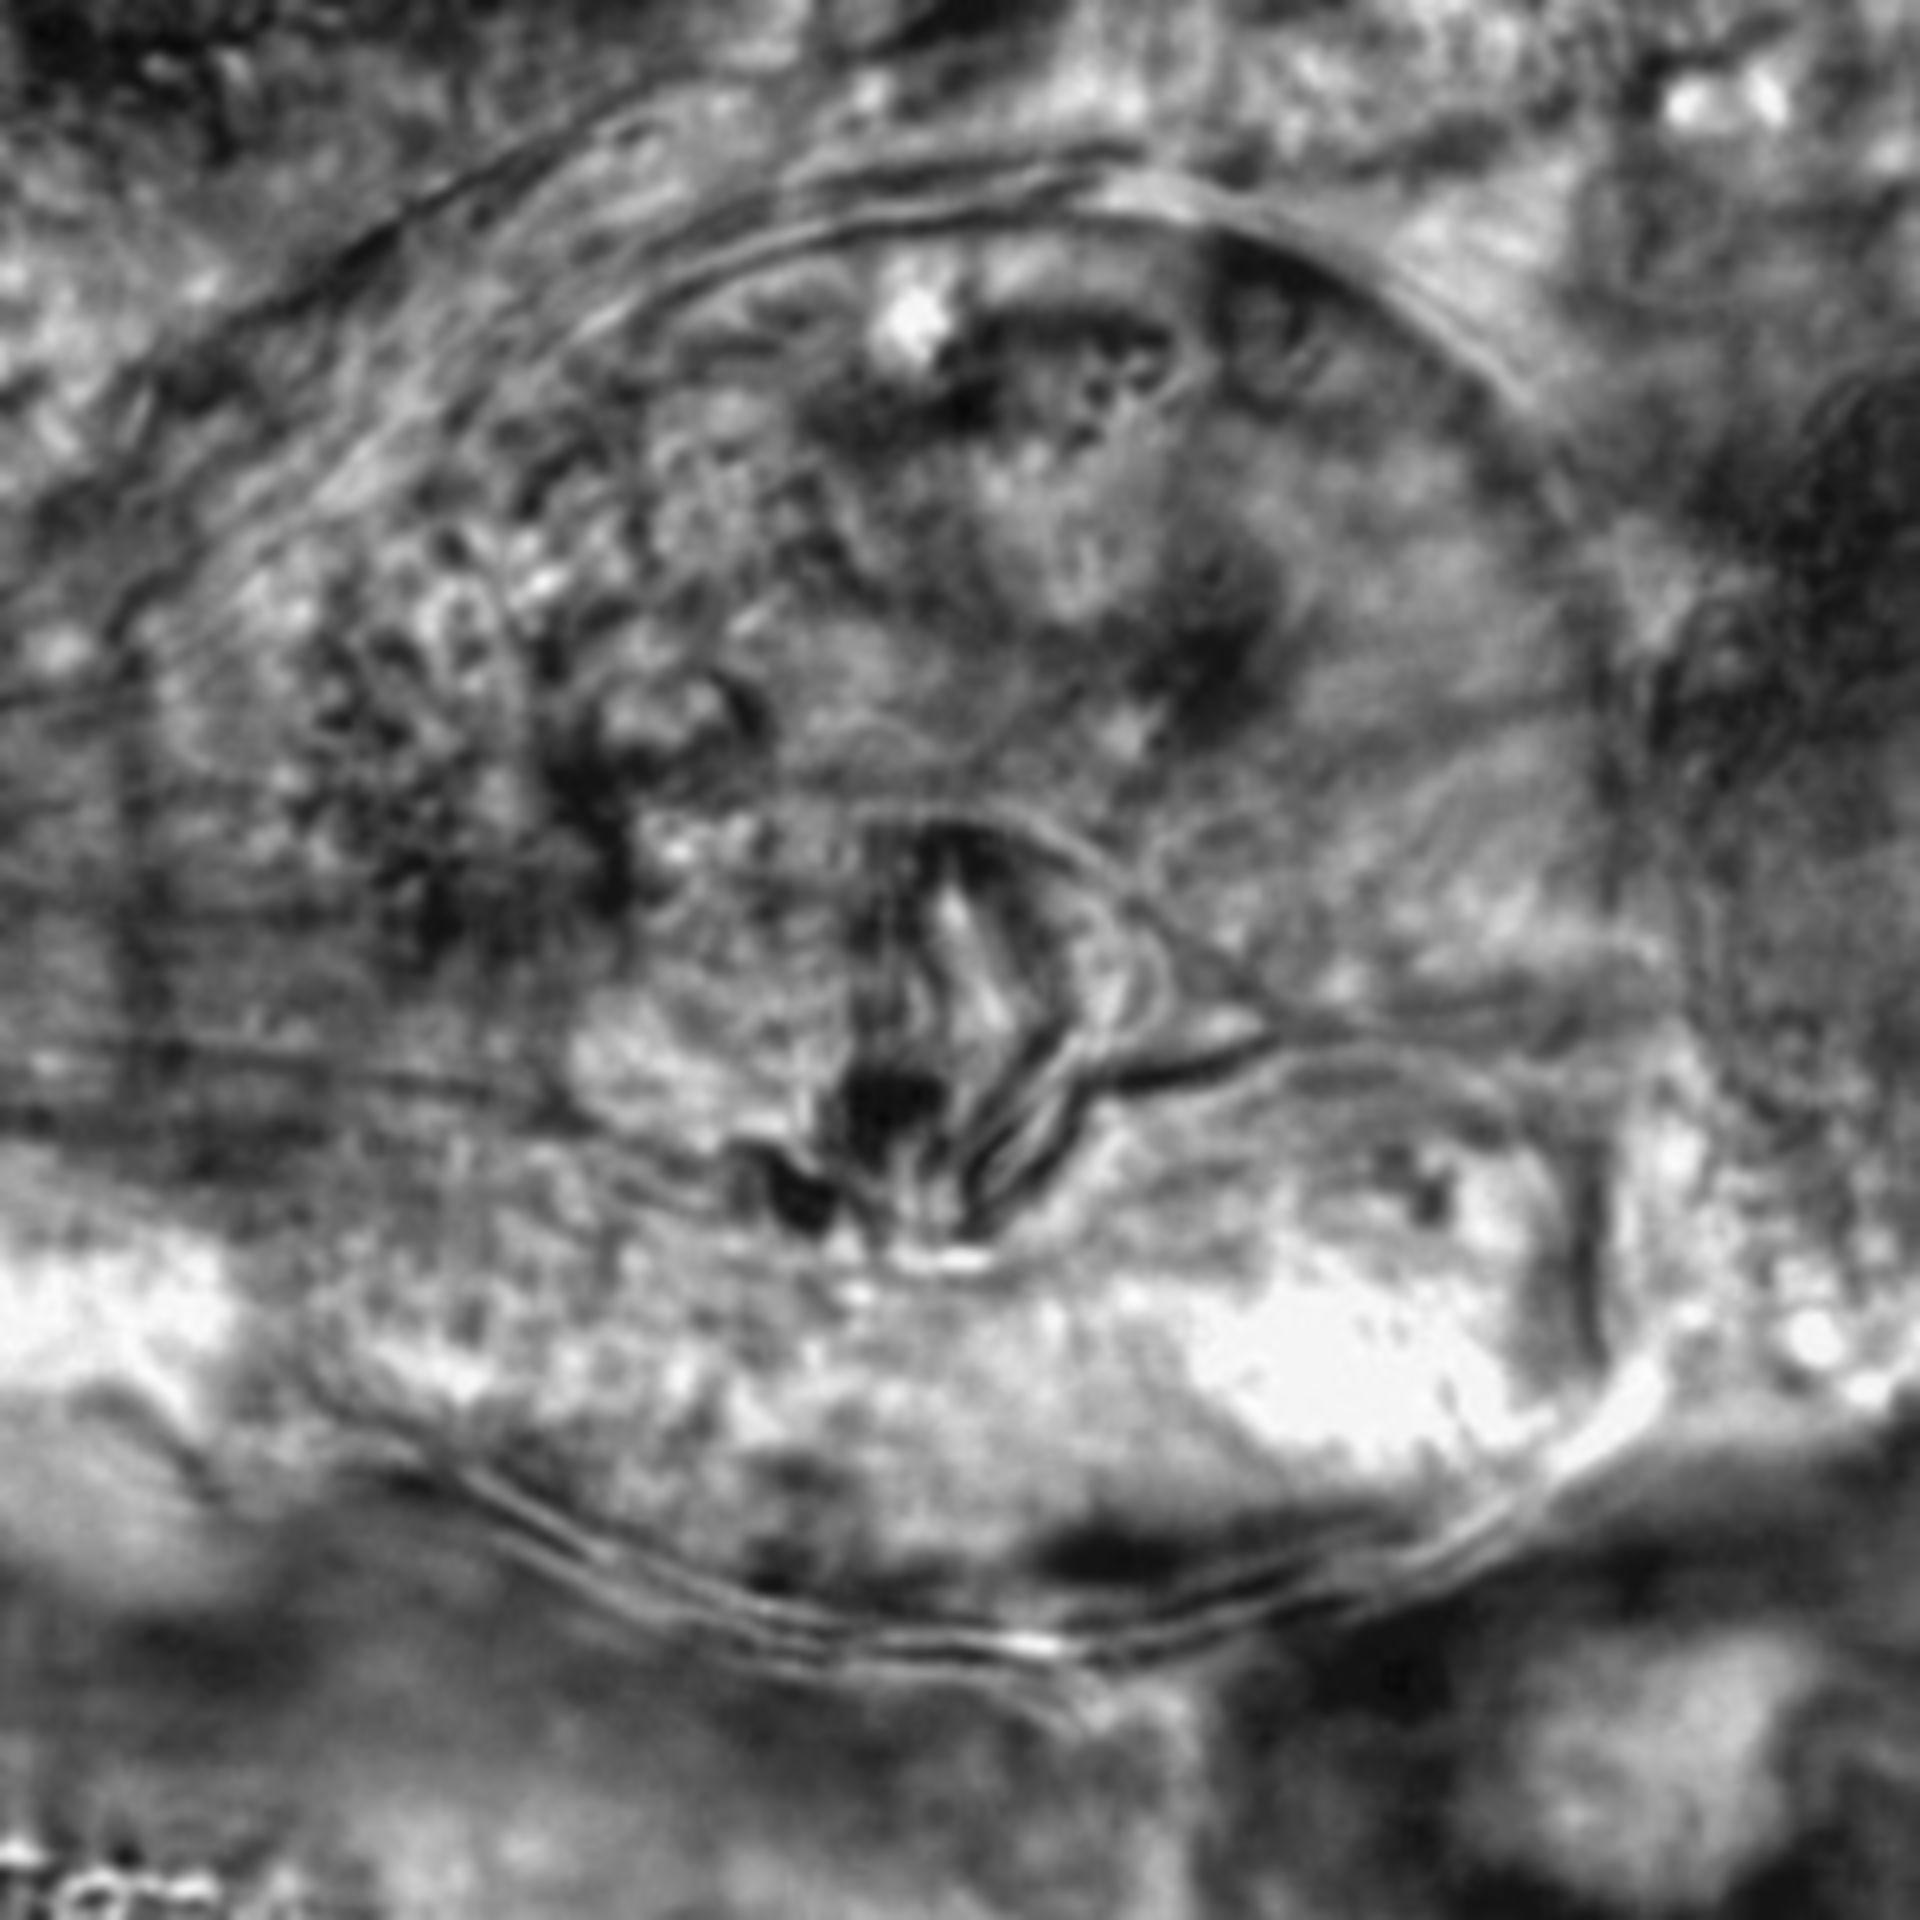 Caenorhabditis elegans - CIL:2743